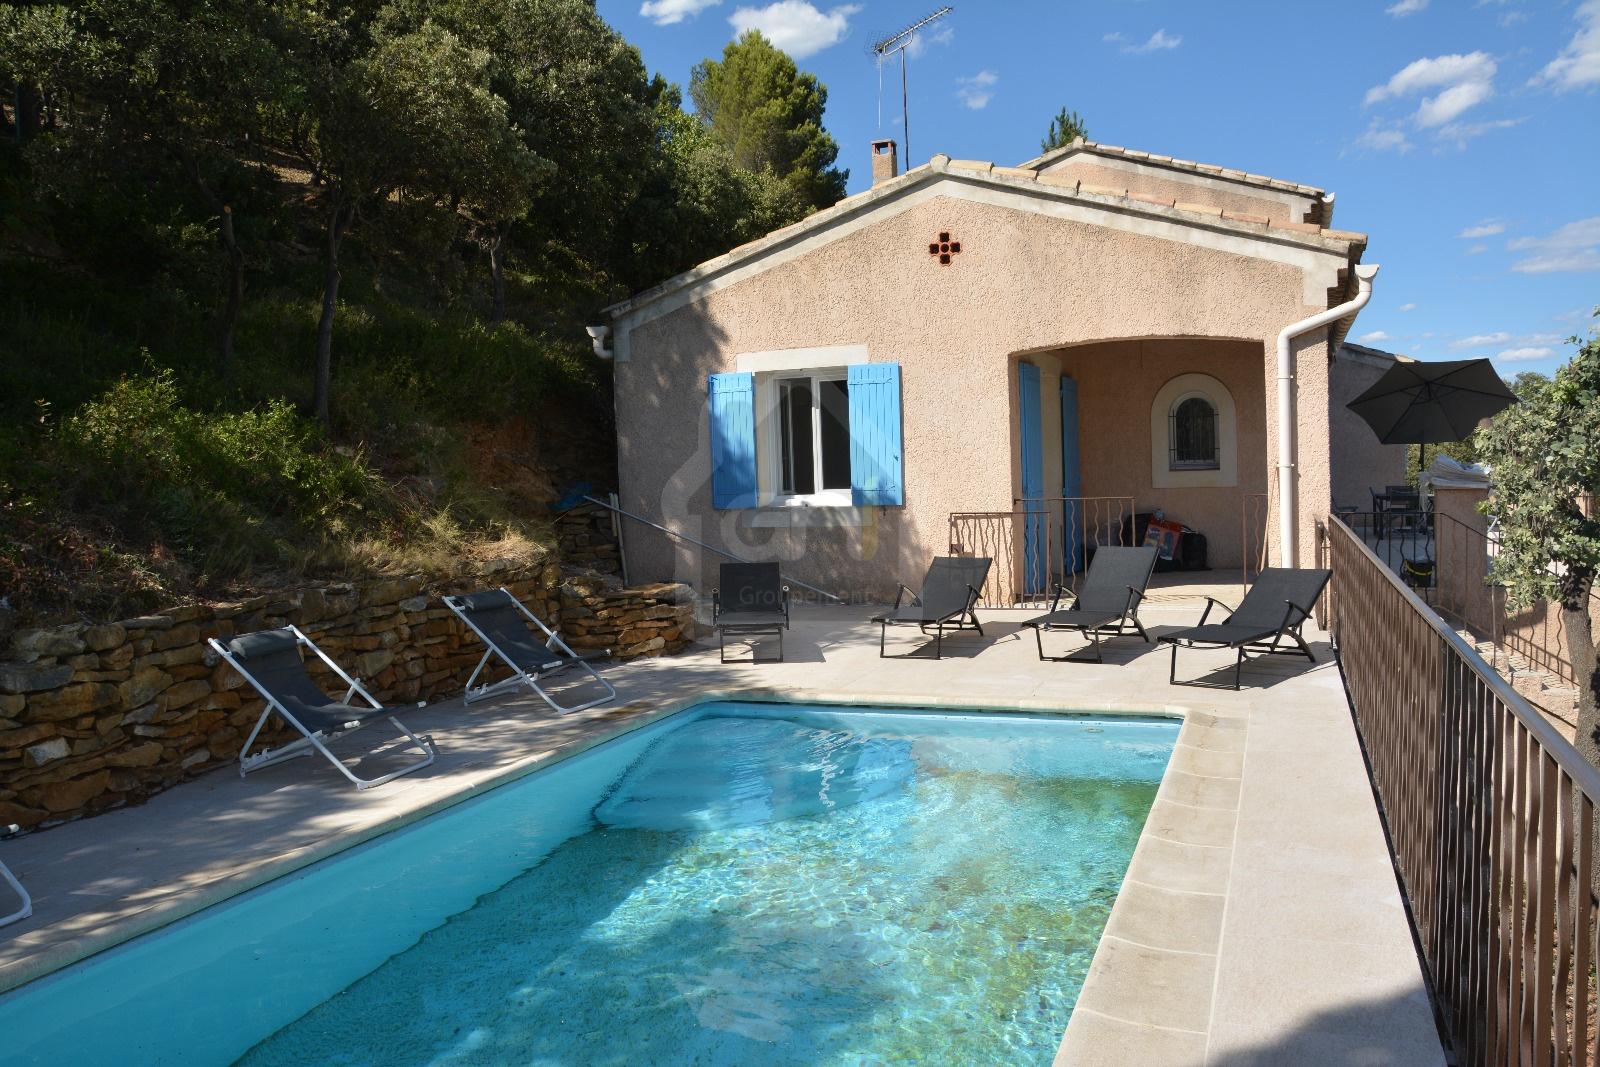 Location vacances maison villa avignon avignon 84000 for Avignon location maison